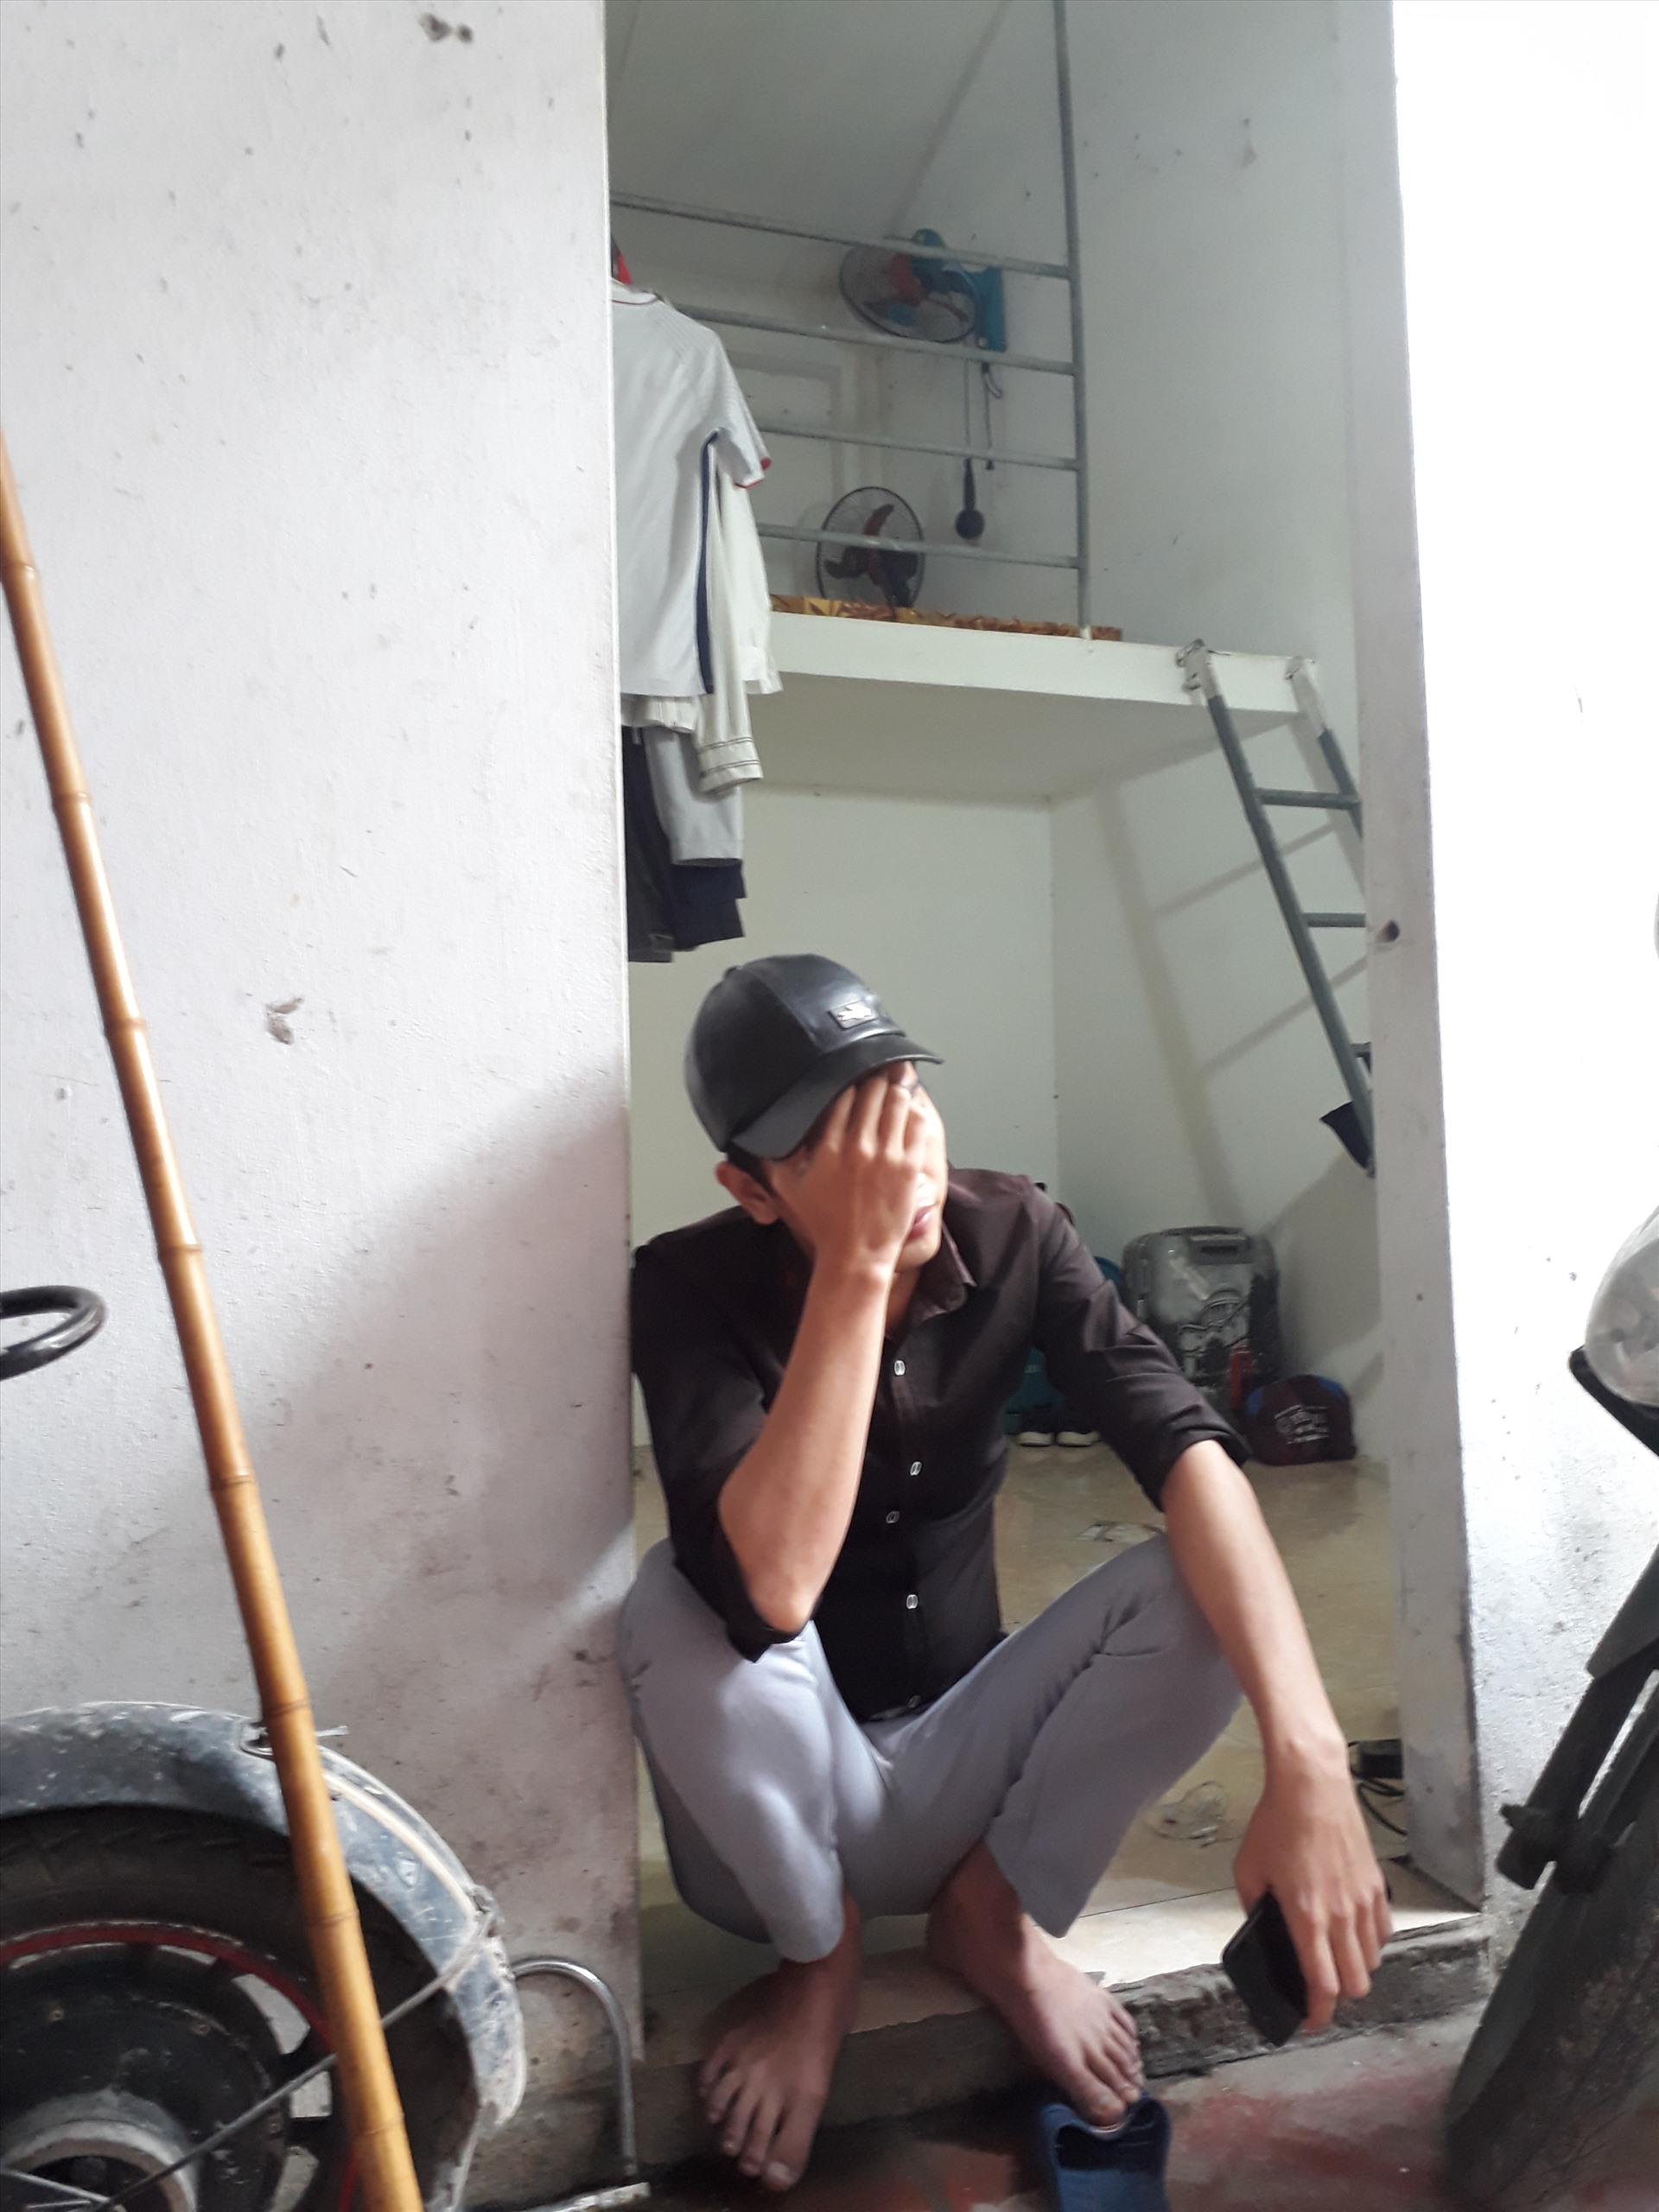 Anh Nguyễn Hùng D. trước căn phòng trọ tạm bợ mà anh đang thuê. Ảnh: Bảo Hân